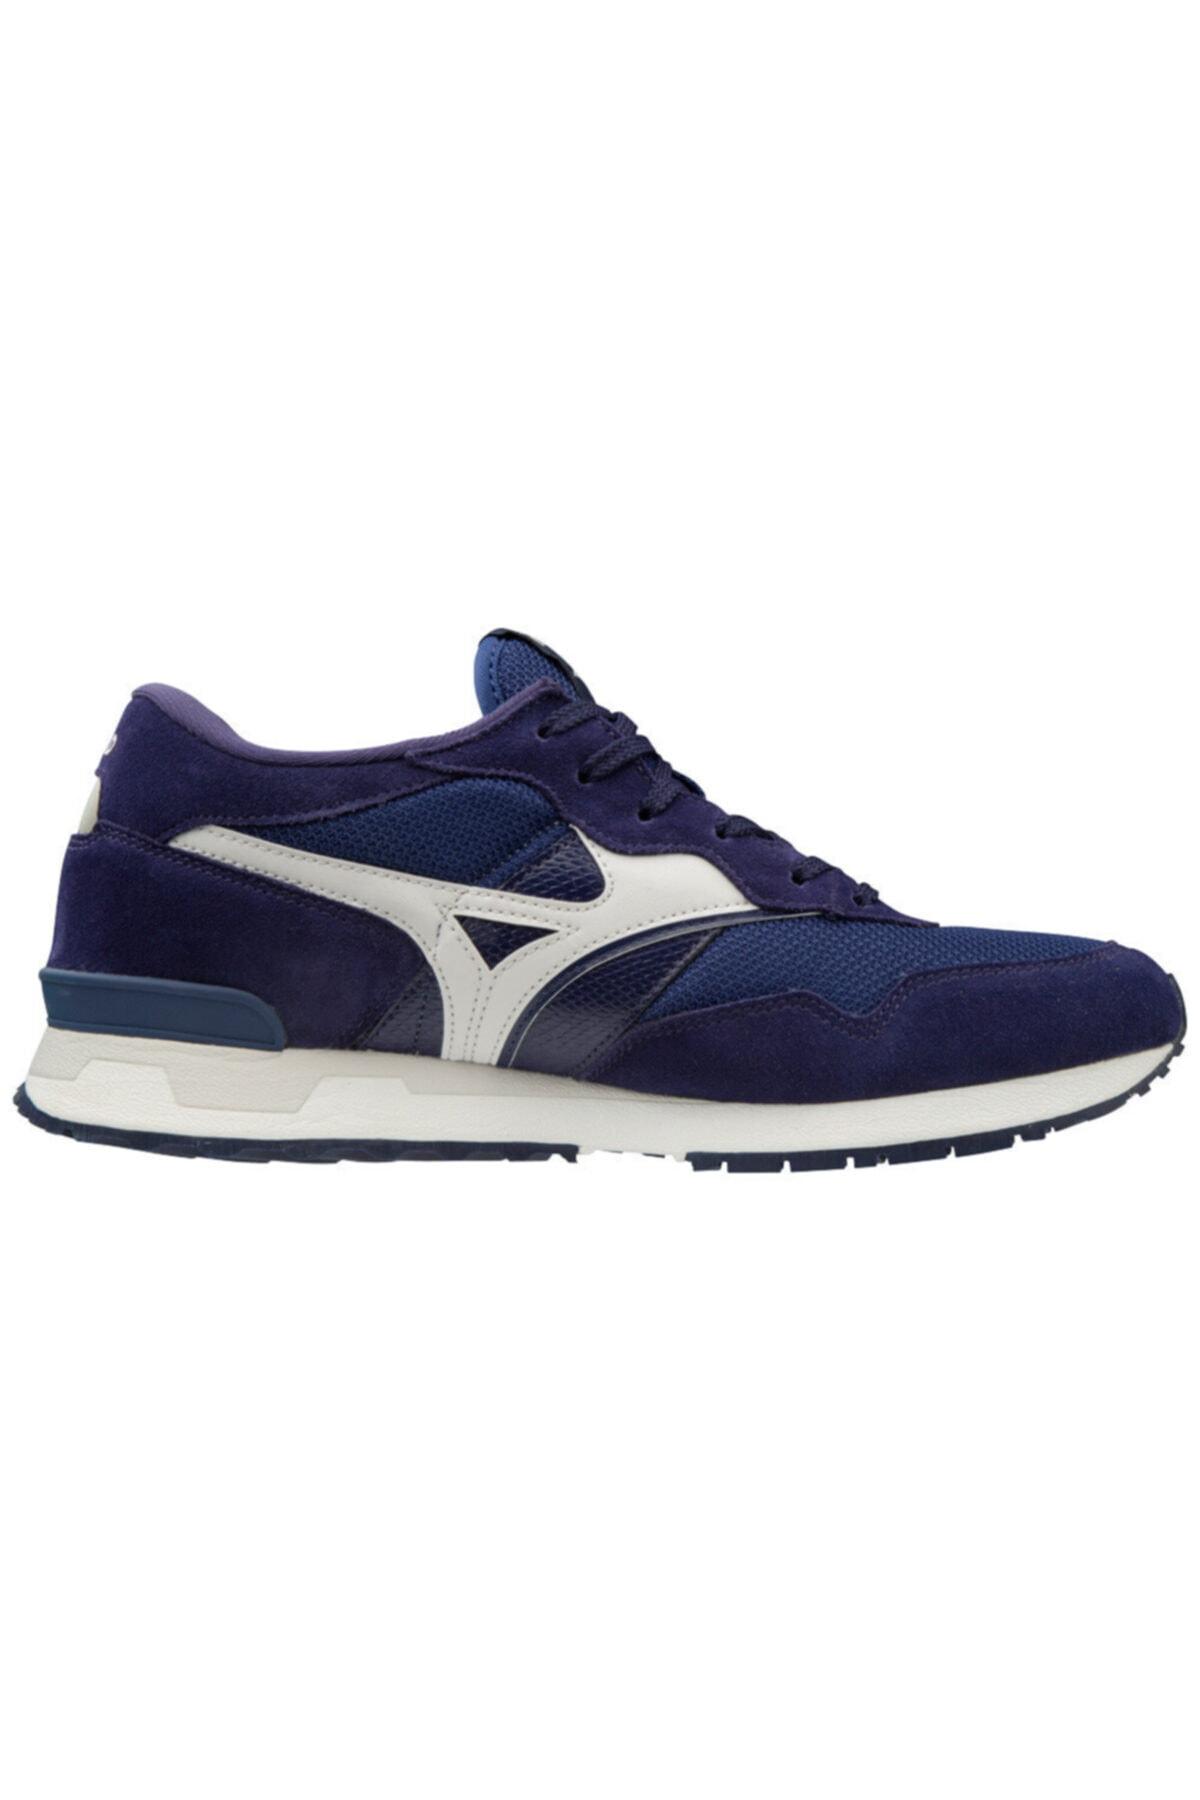 MIZUNO Genova 87 Unisex Günlük Giyim Ayakkabısı Lacivert 2